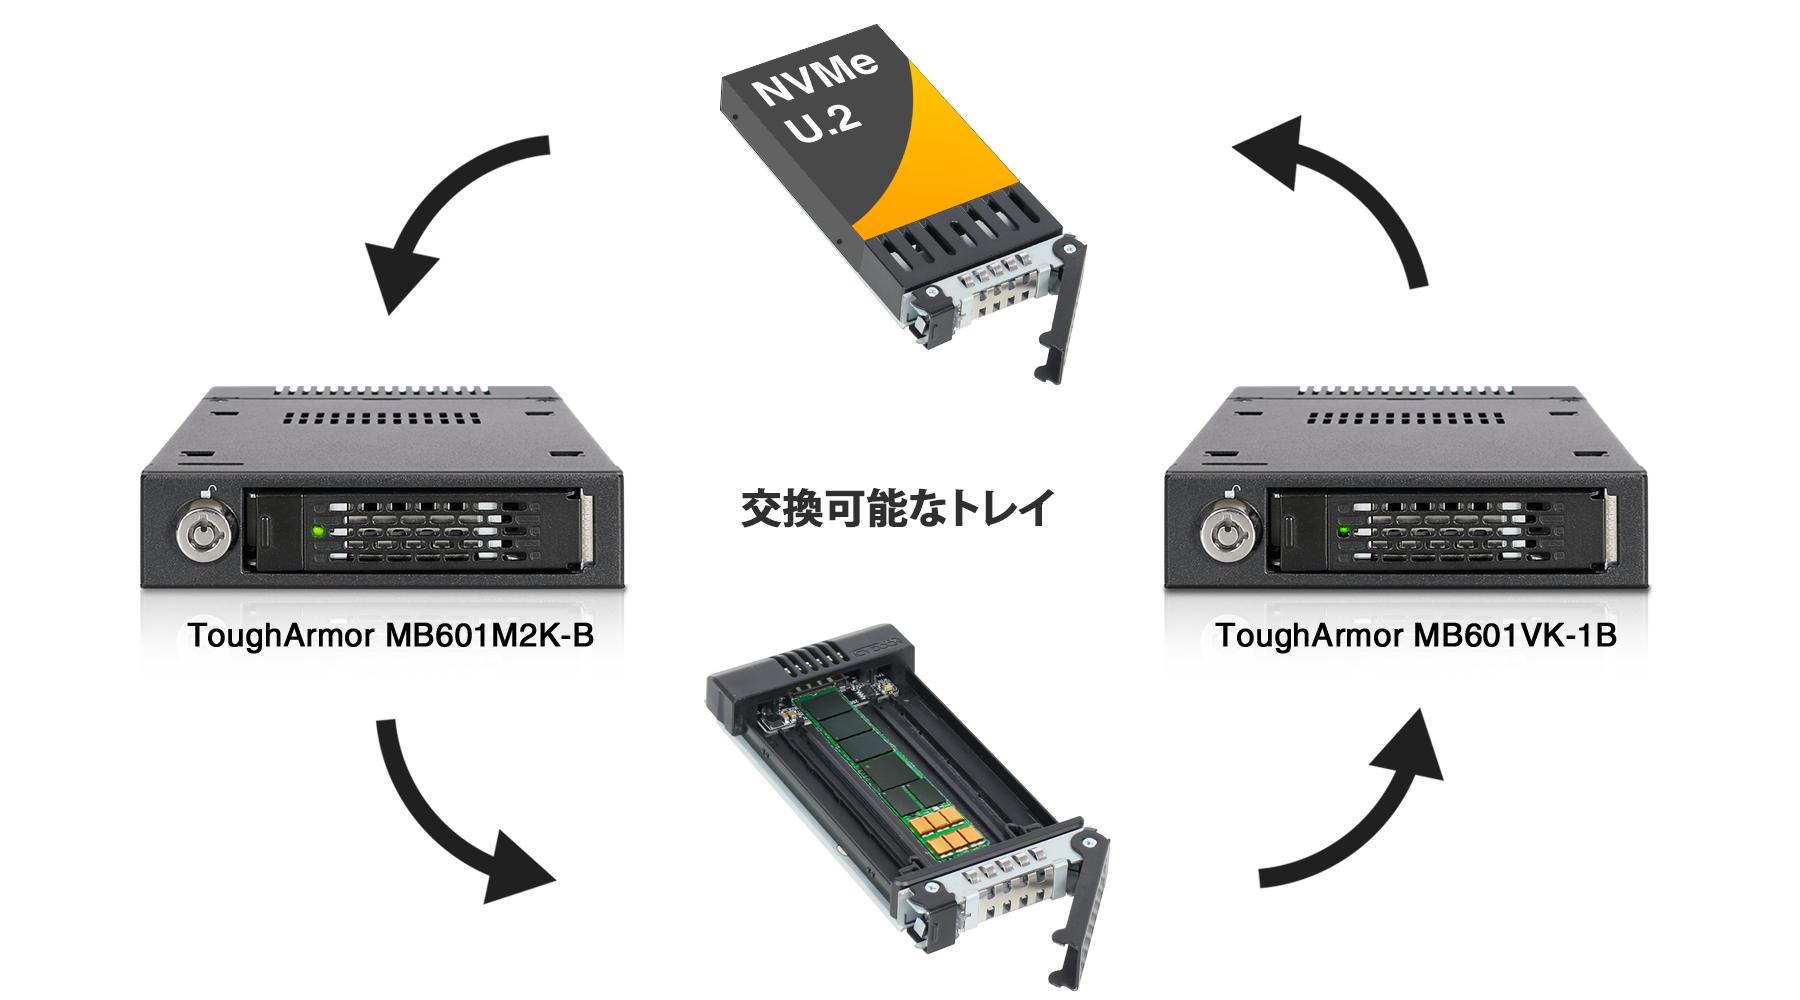 mb601m2k-1b MB601VK-1B との互換性